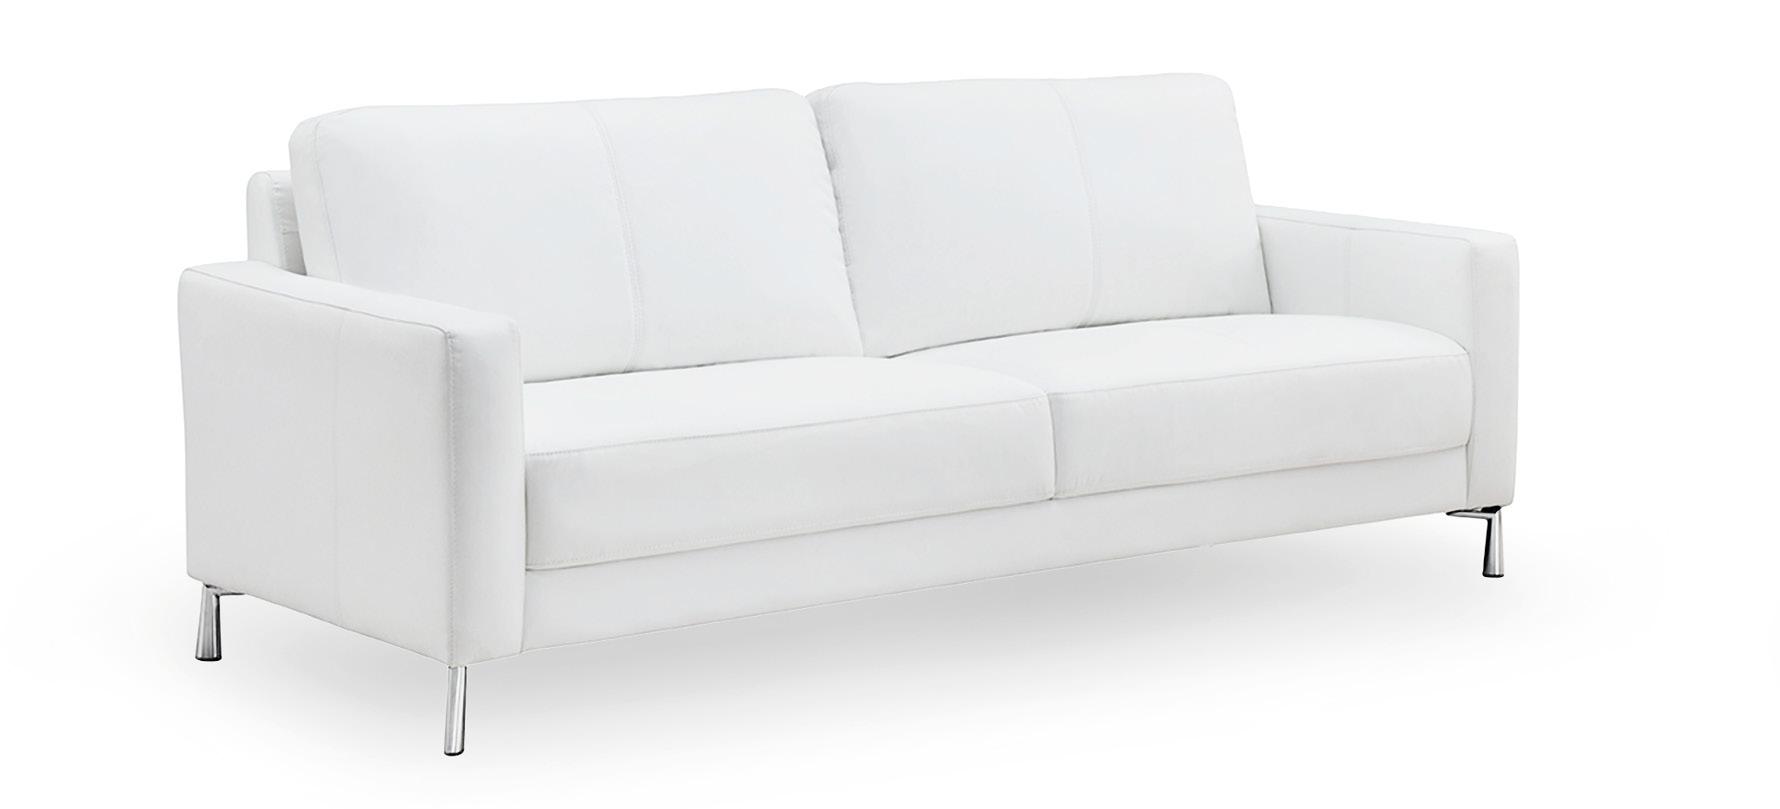 Marilyn 3-istuttava sohva, valkoinen Leather Plus, Tenstar